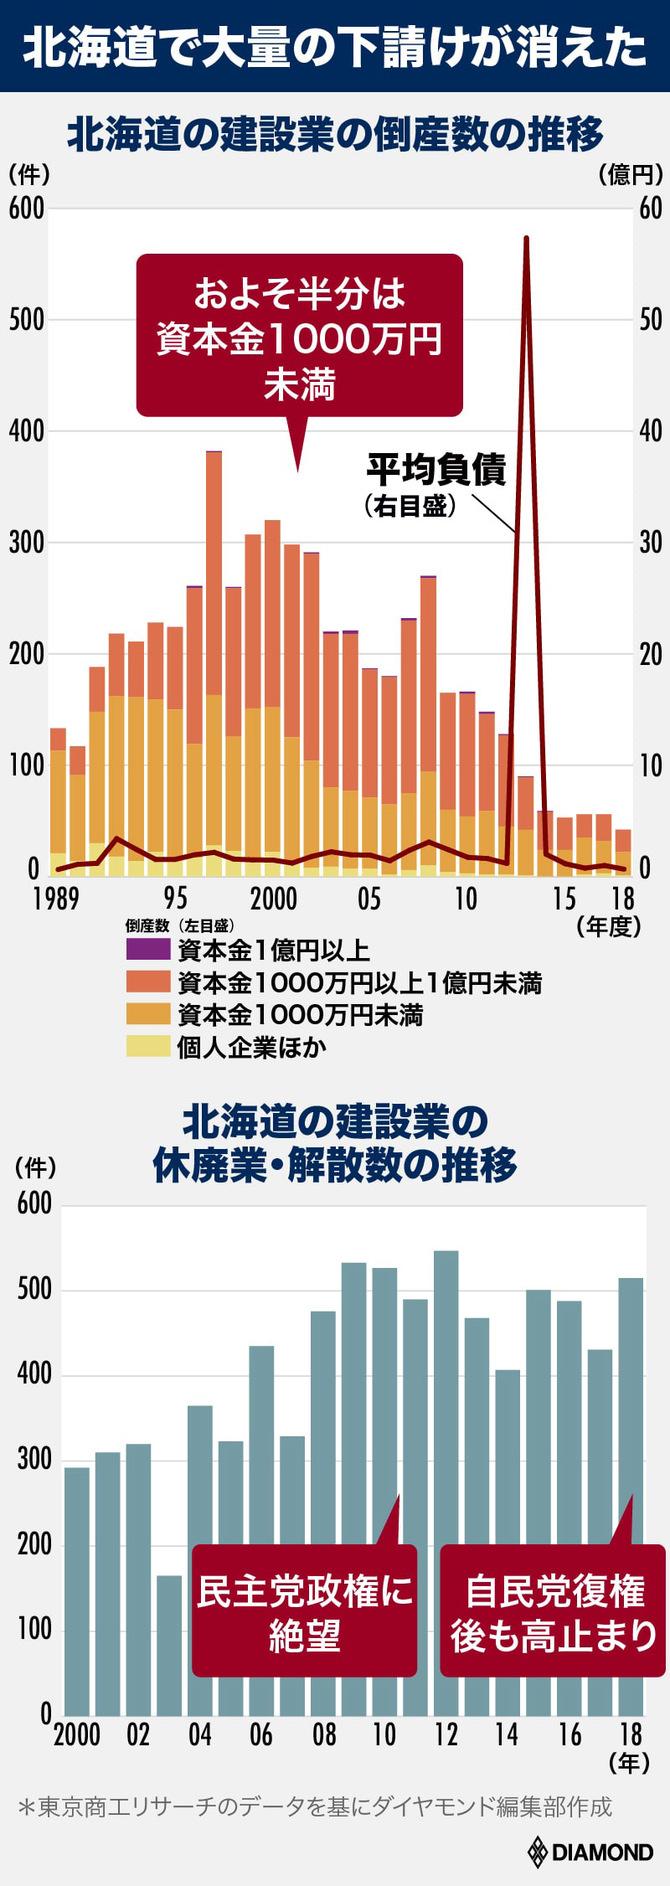 北海道の建設業の倒産数の推移